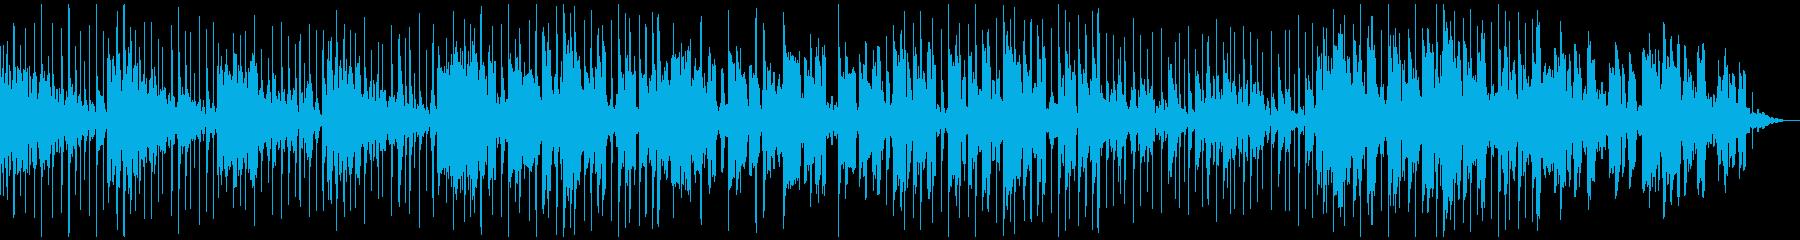 ダークでメロウなLofiビートですの再生済みの波形